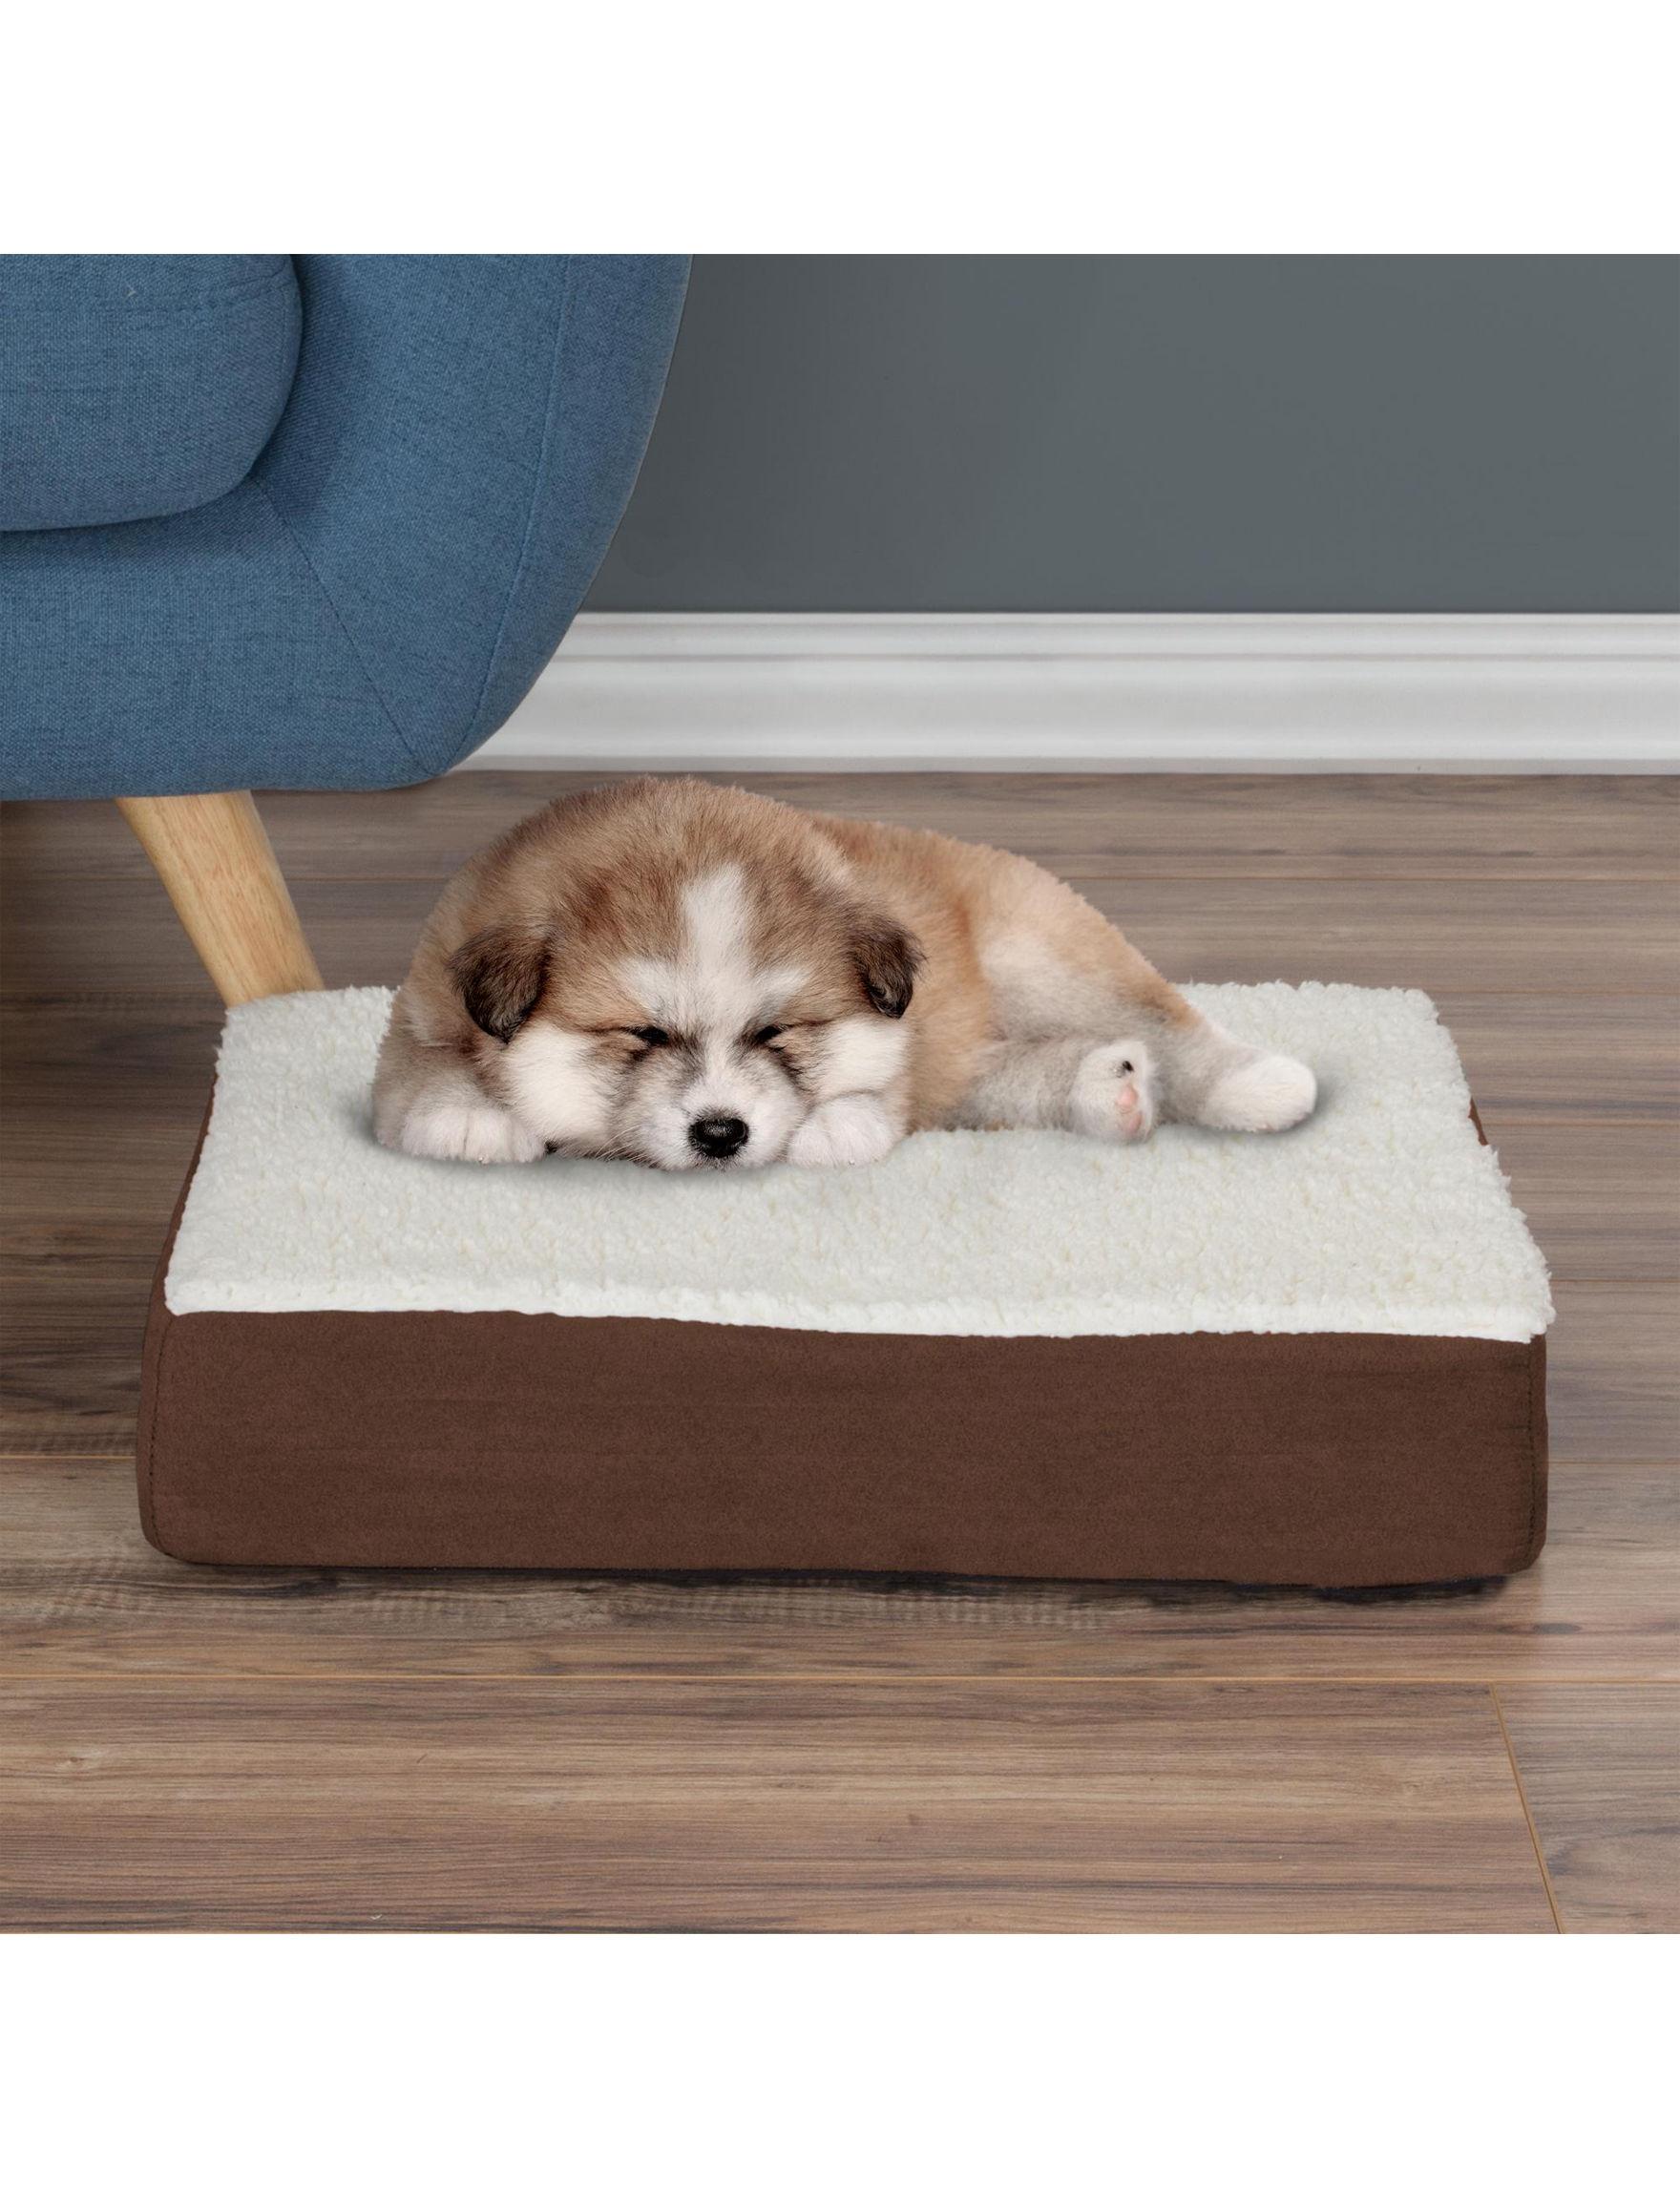 Petmaker Brown Pet Beds & Houses